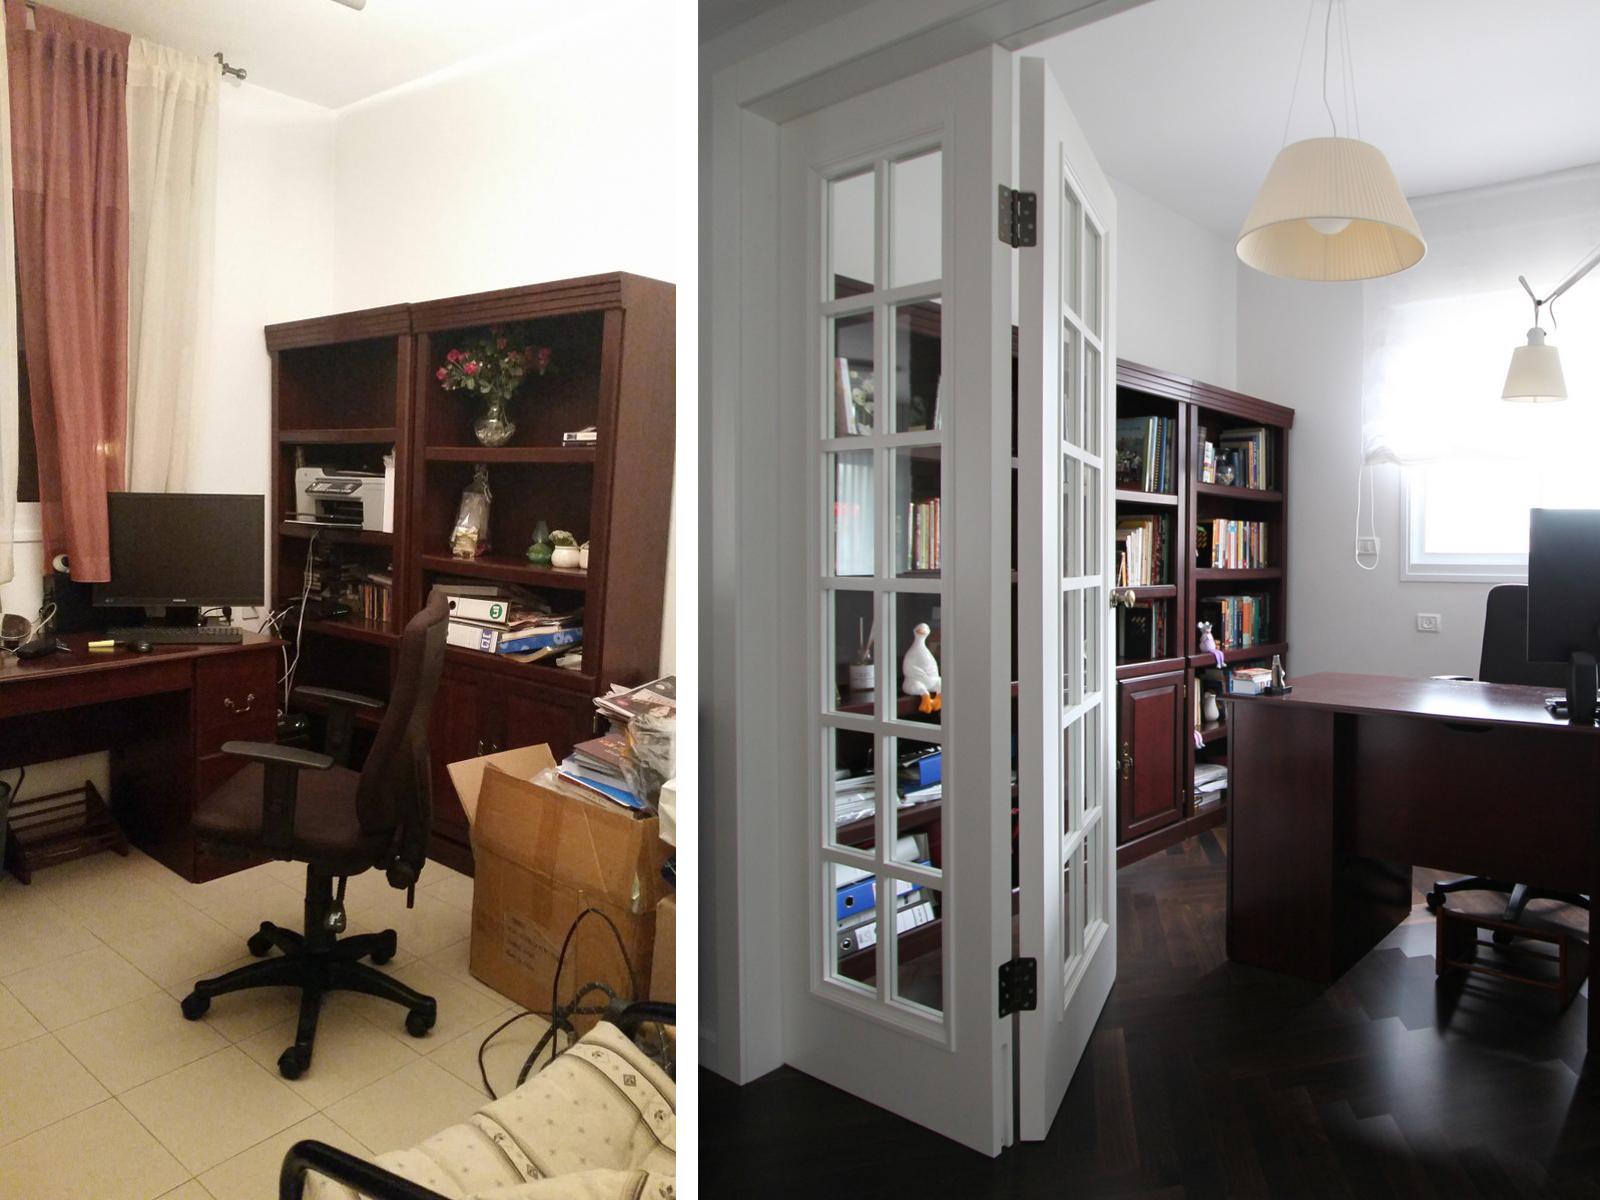 לפני ואחרי חדר עבודה עיצוב וצילום לירון גונן